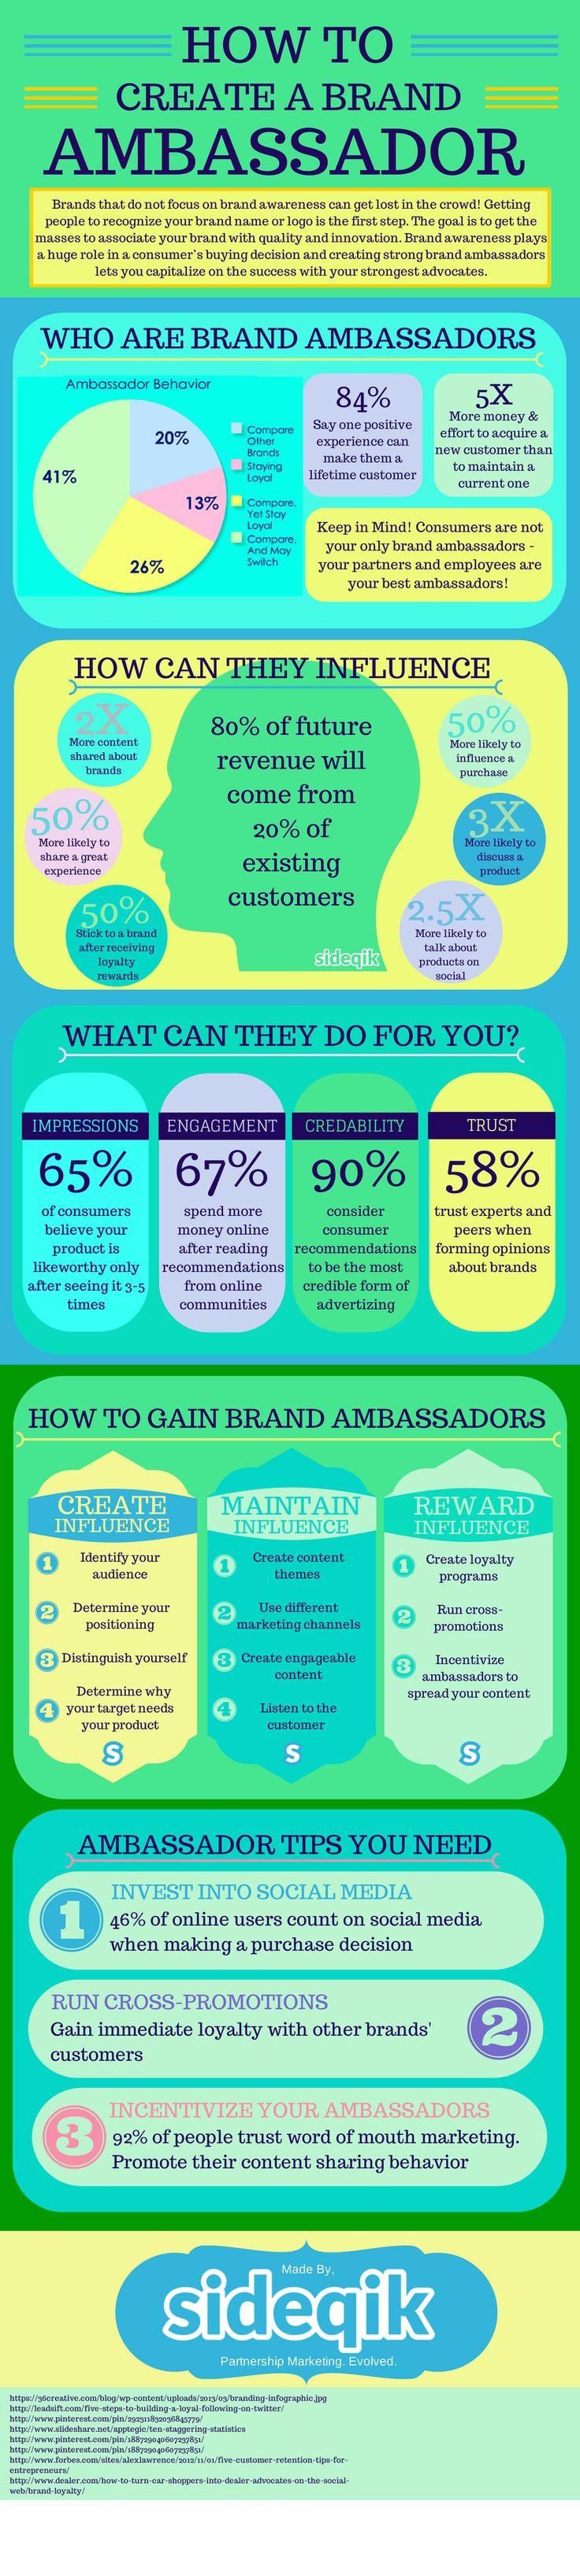 Steps On How To Create A Brand Ambassador- Sideqik